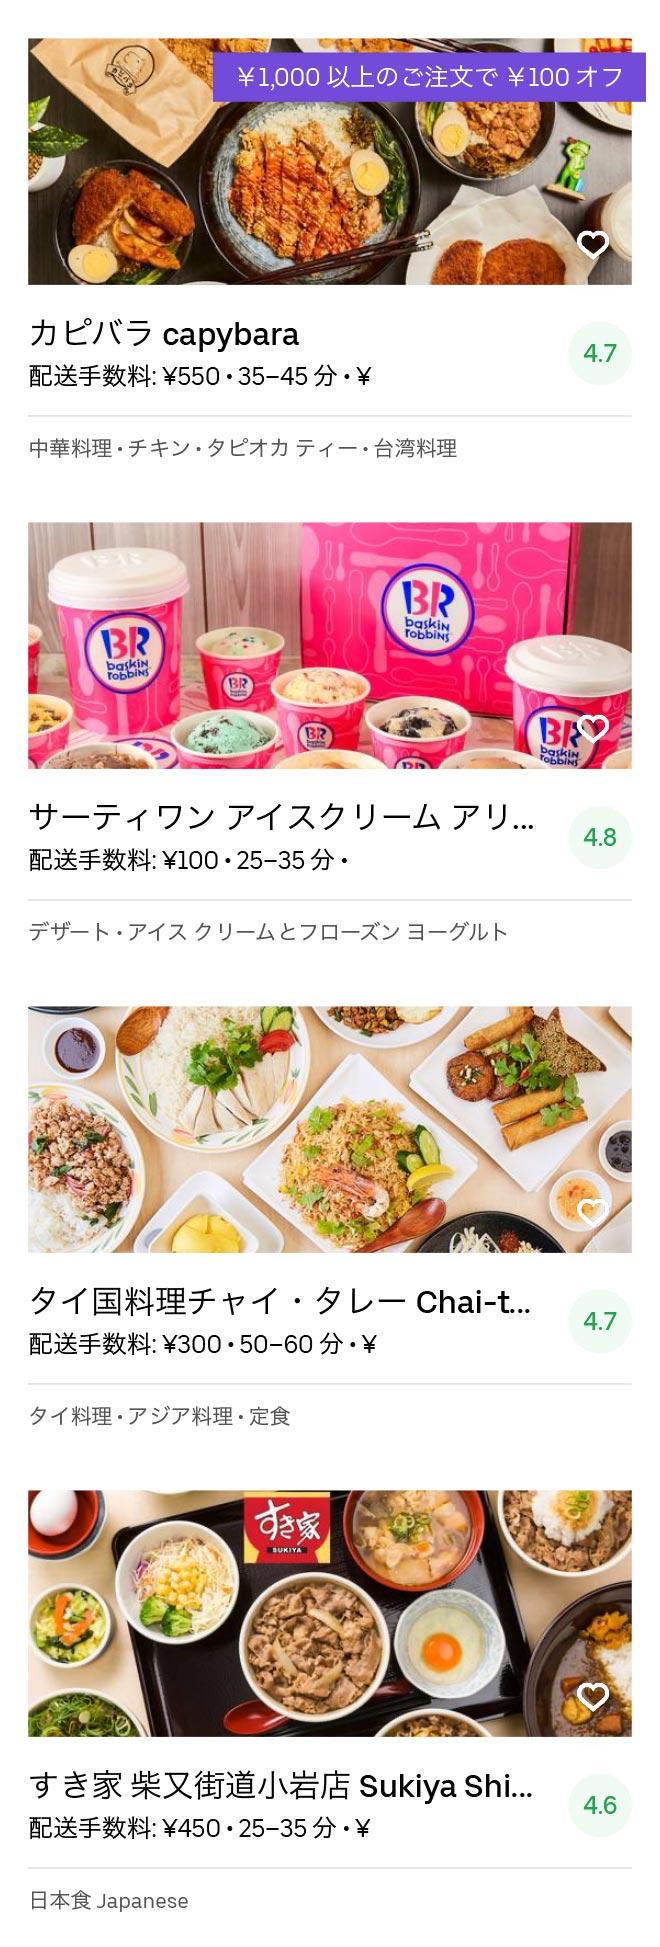 Tokyo aoto menu 2005 05